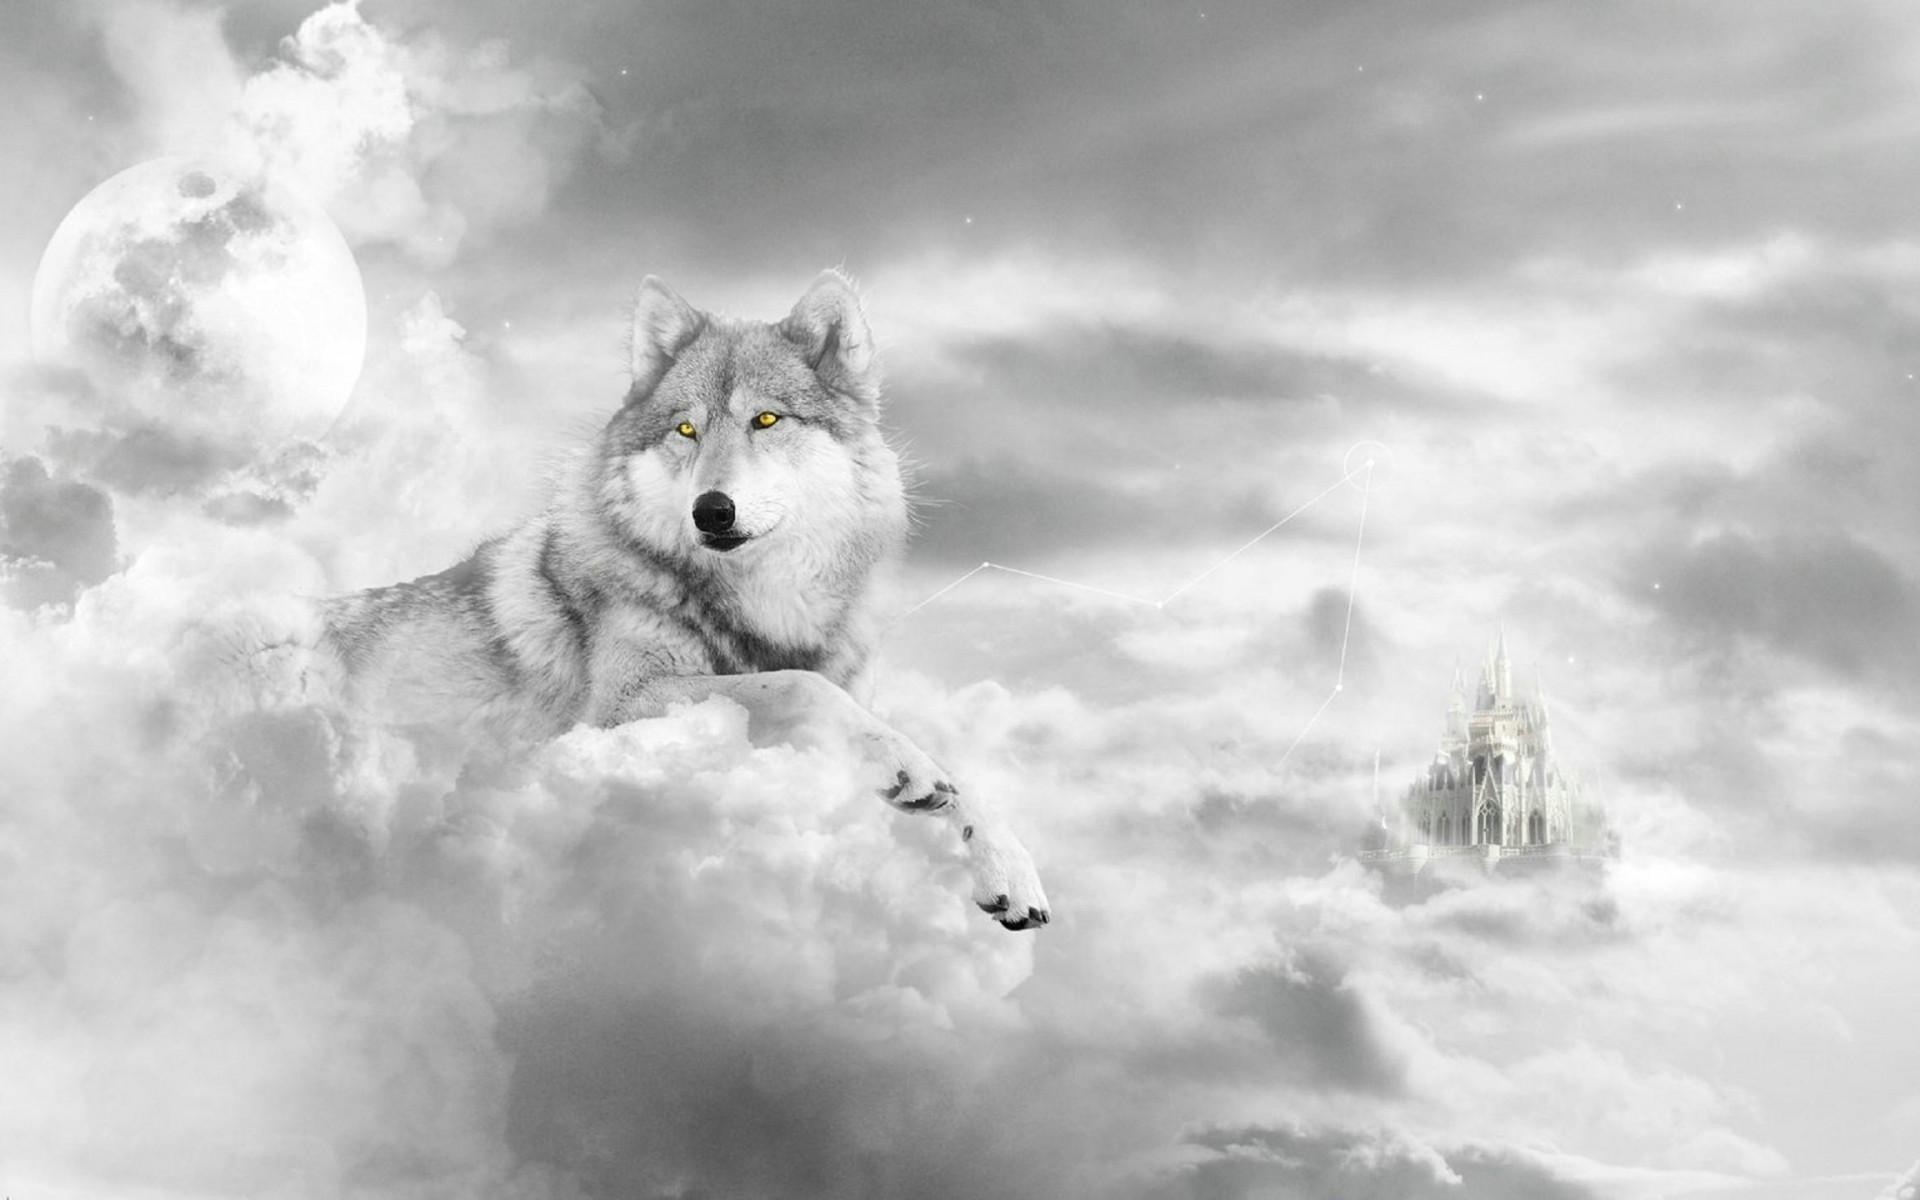 обои на рабочий стол волки нарисованная № 649072  скачать